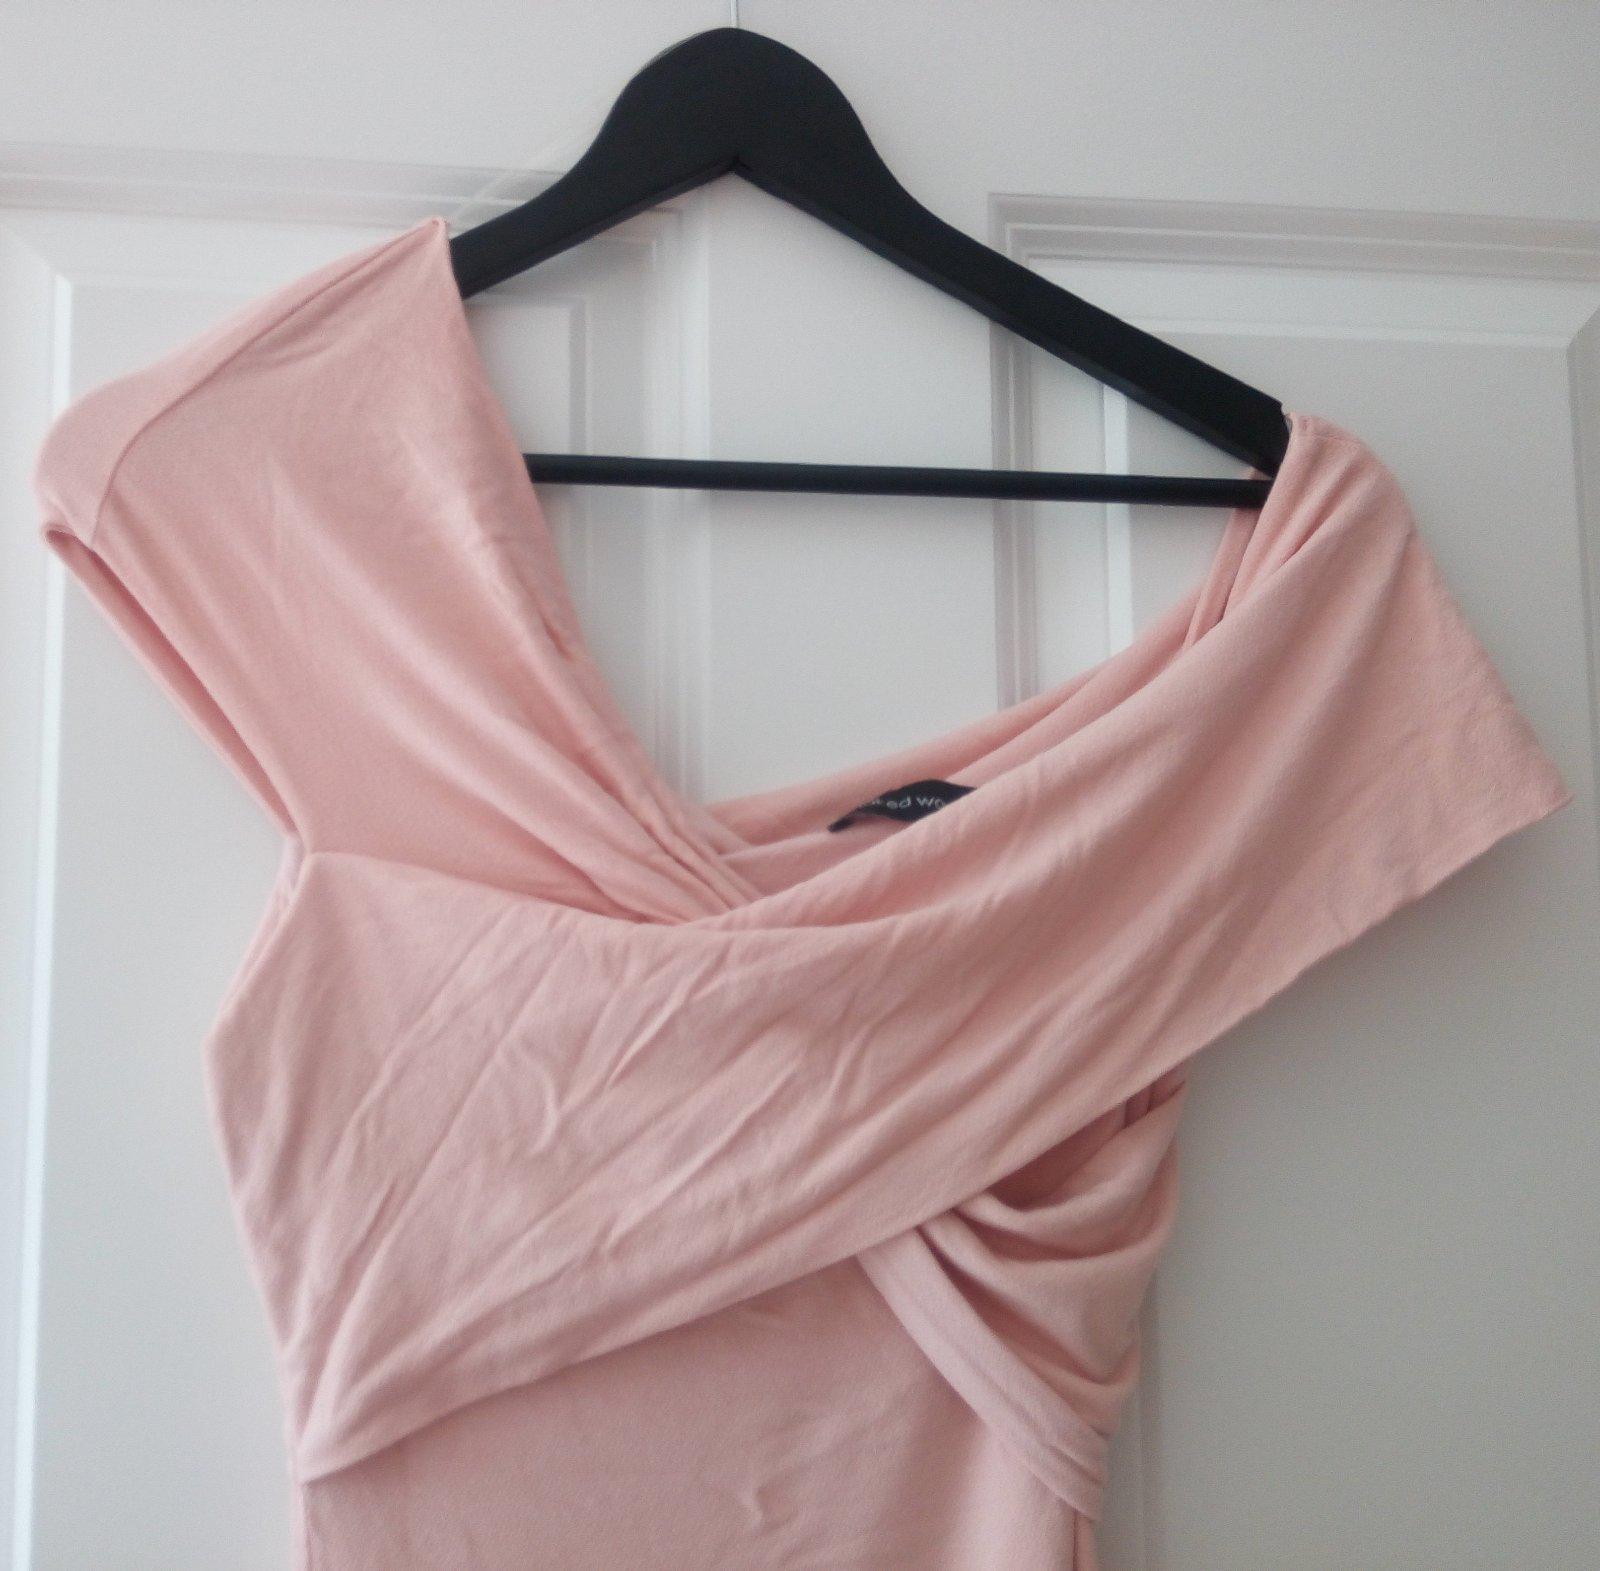 Bledoružové šaty XS/S - Obrázok č. 2